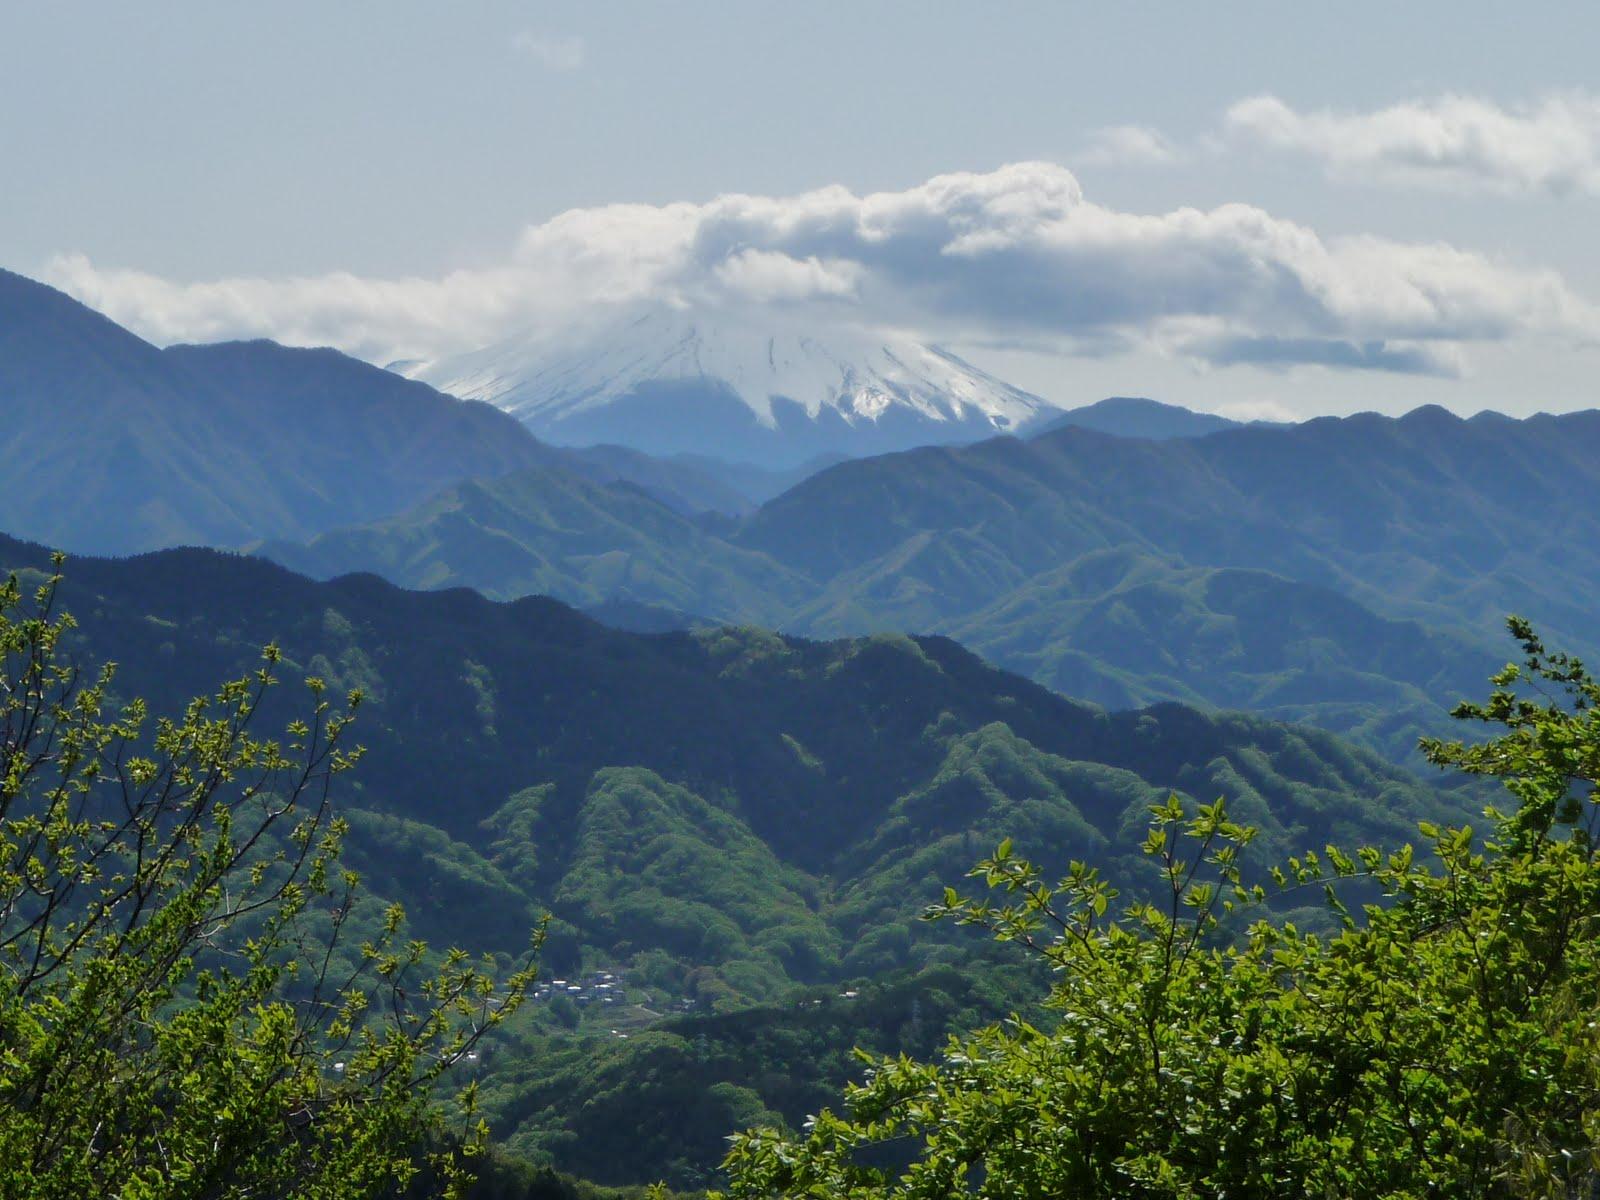 Vista de el Monte Fuji desde el Monte Takao